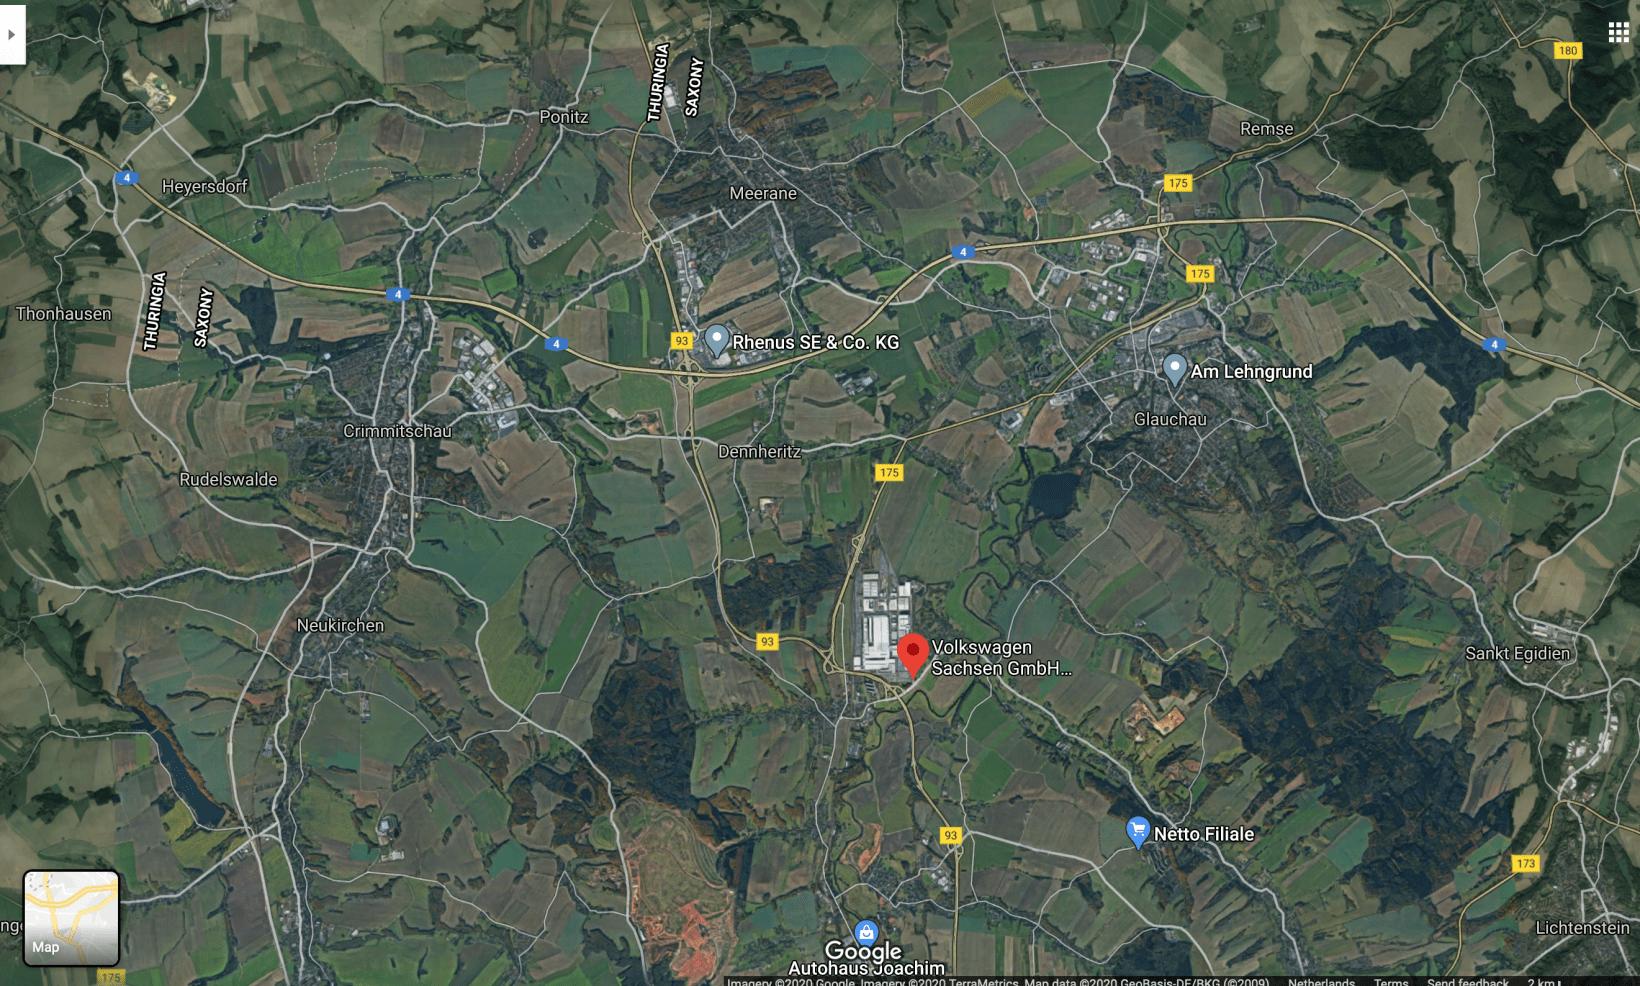 Zwickau, germany, saxony, volkswagen